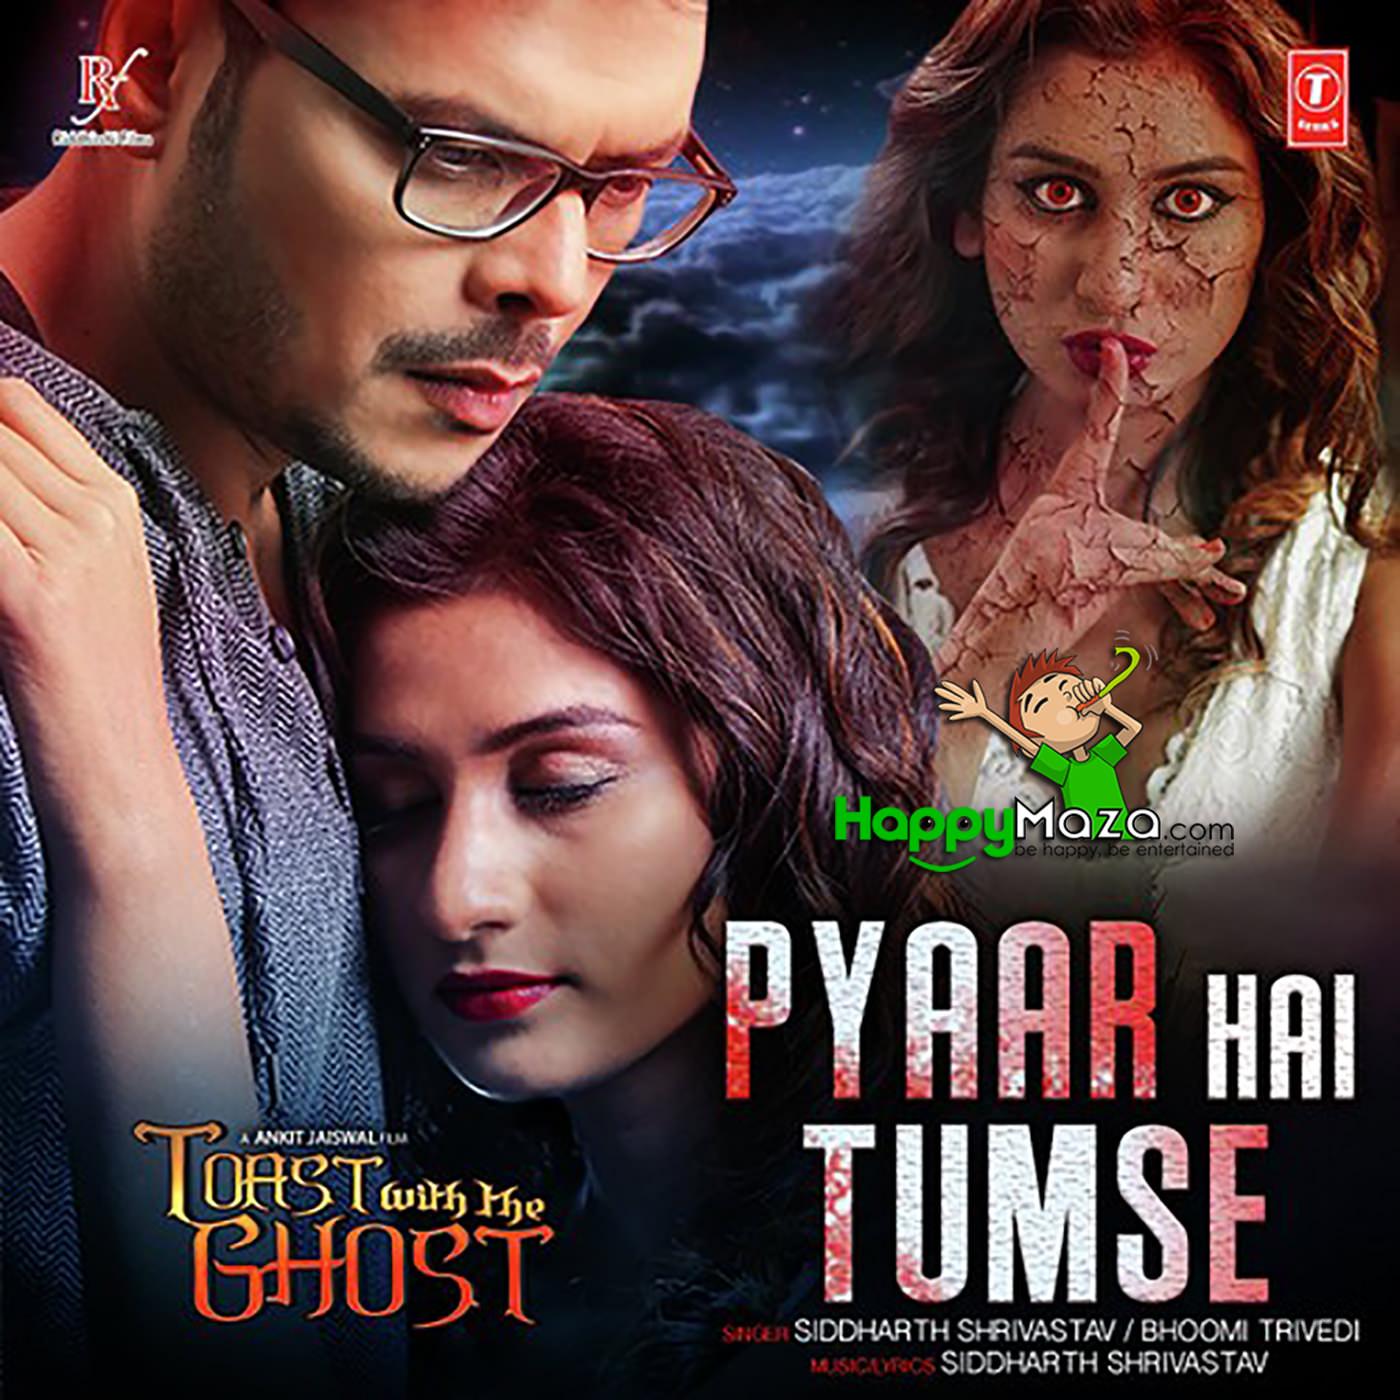 Bepanah Pyar Hai Tumse Song Ringtone: Pyaar Hai Tumse Lyrics